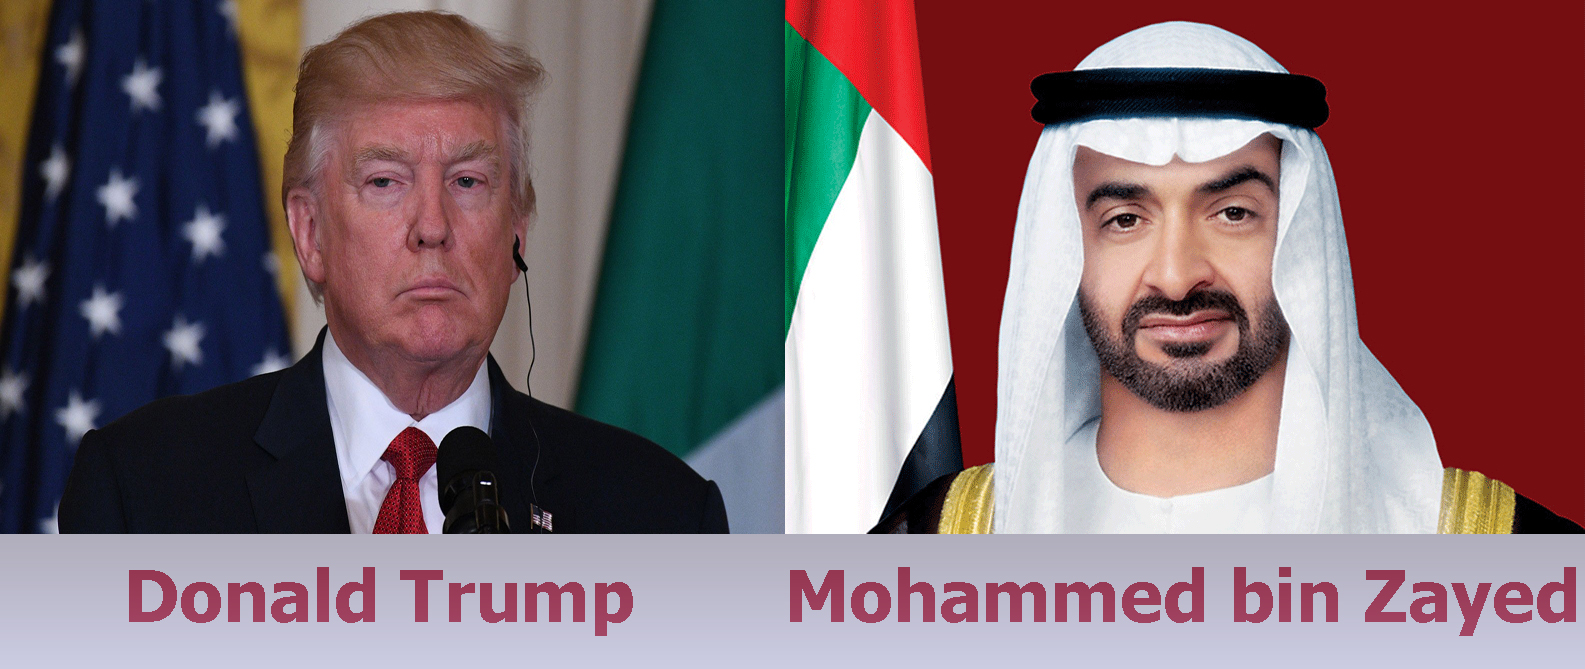 الشيخ محمد بن زايد يلتقي الرئيس الامريكي دونالد ترامب في البيت الأبيض